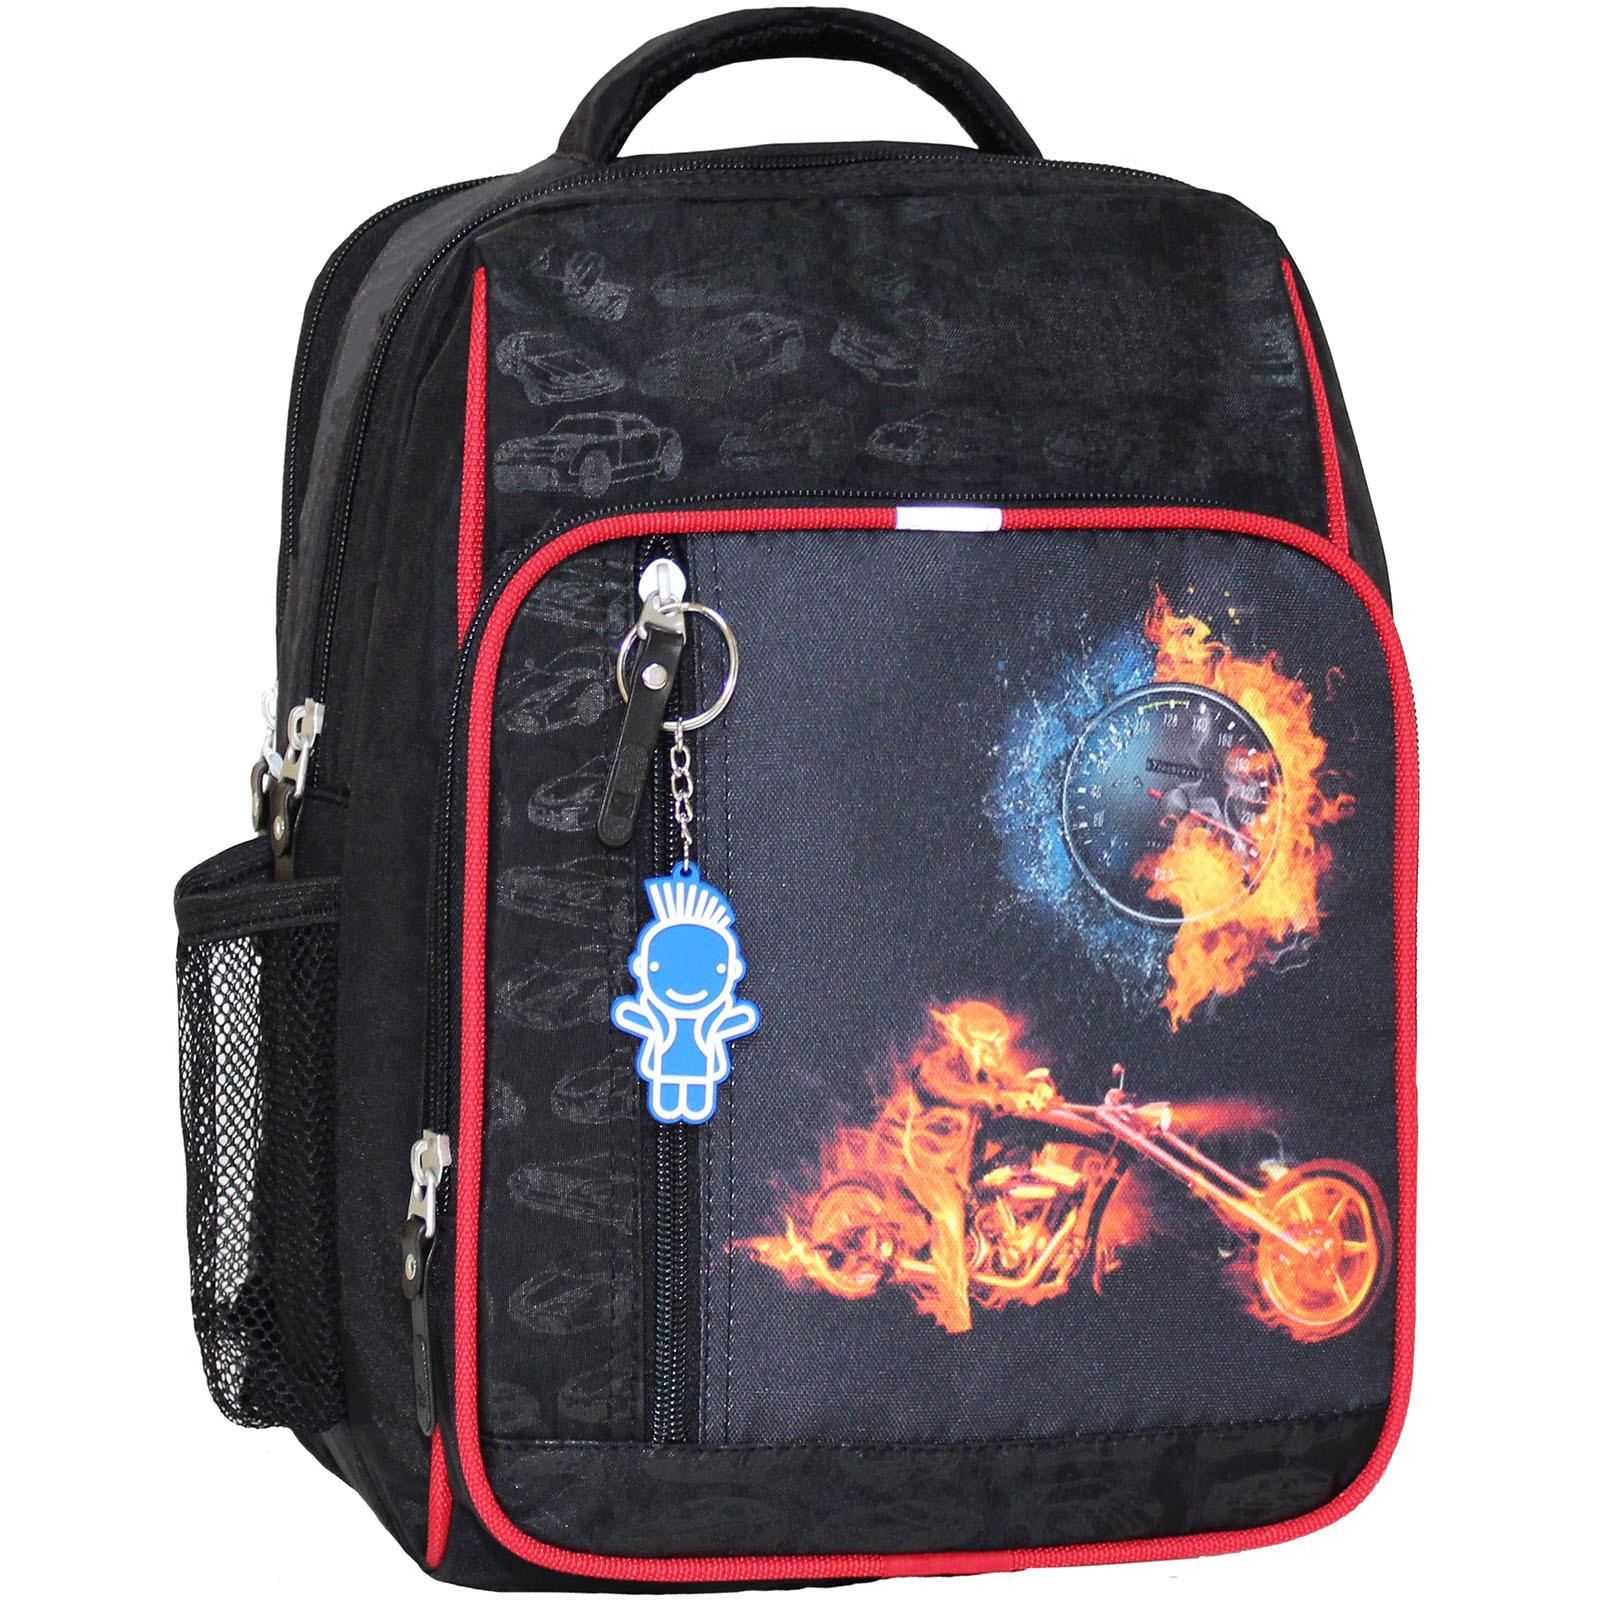 Школьные рюкзаки Рюкзак школьный Bagland Школьник 8 л. черный 31м (0012870) IMG_5046.JPG